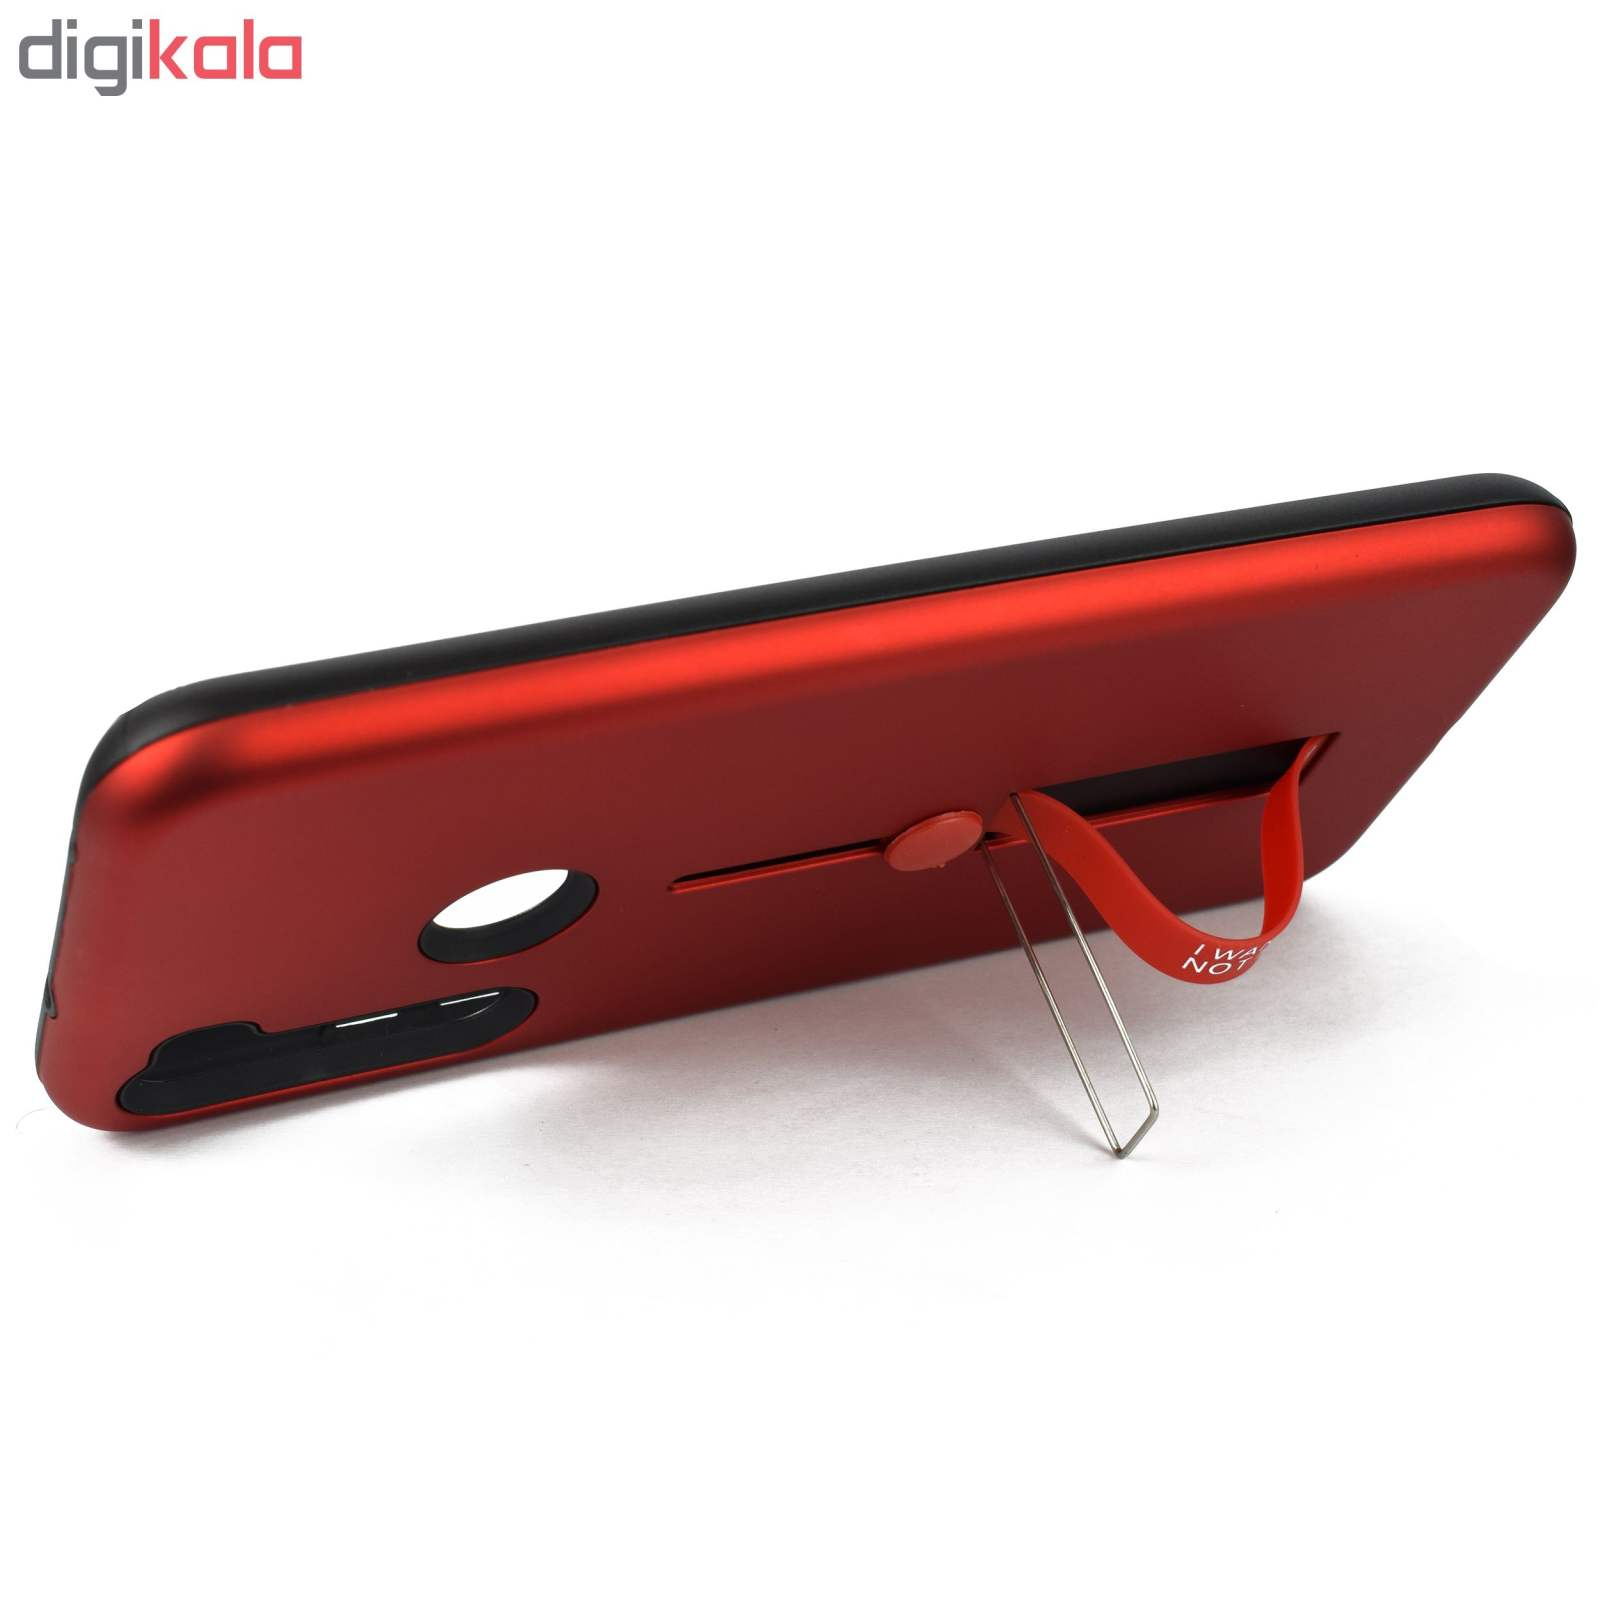 کاور مدل FAS20 مناسب برای گوشی موبایل شیائومی Redmi Note 8 main 1 8